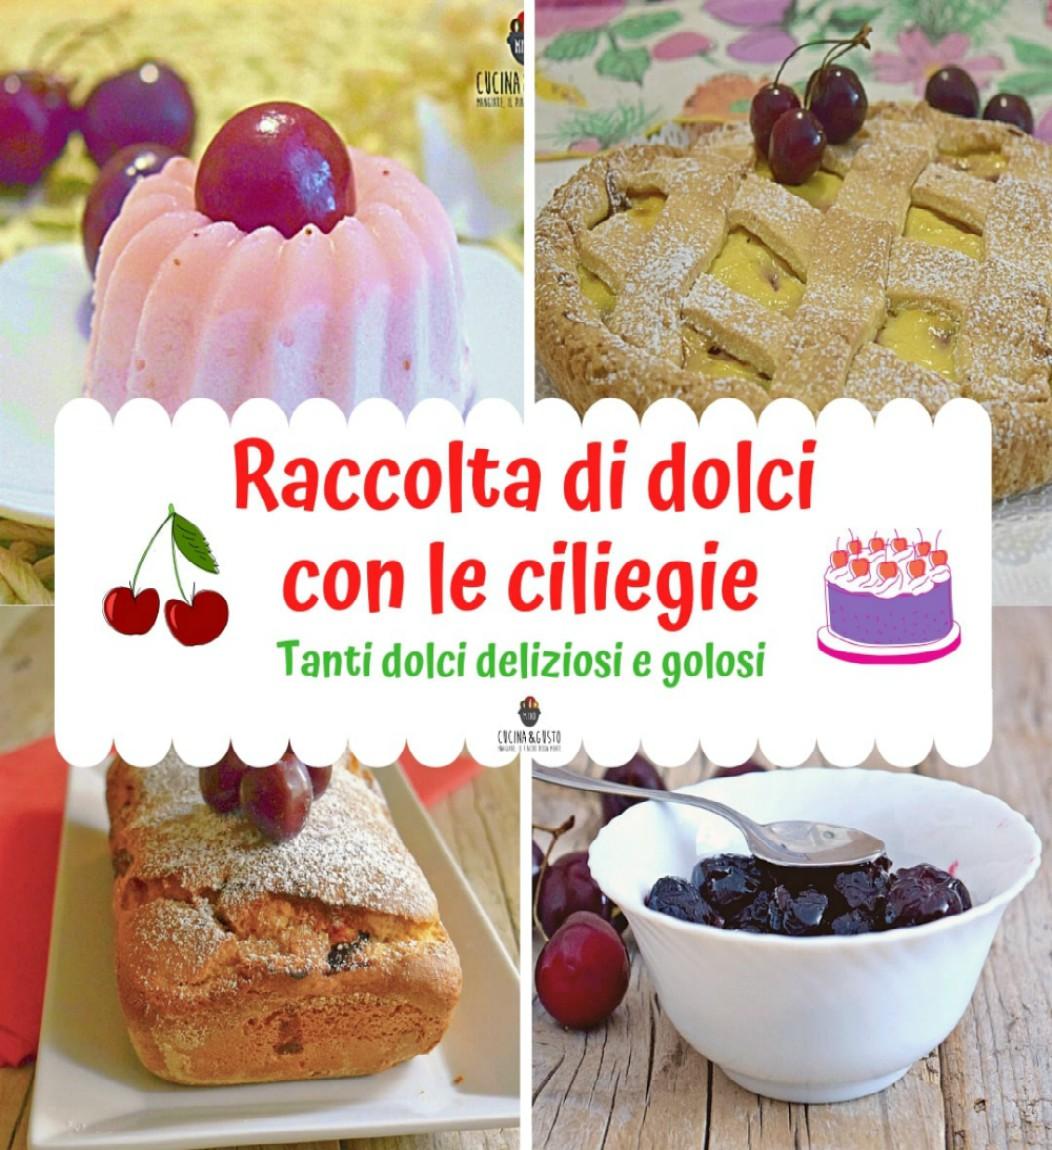 Raccolta dolci con le ciliegie - ricette facili